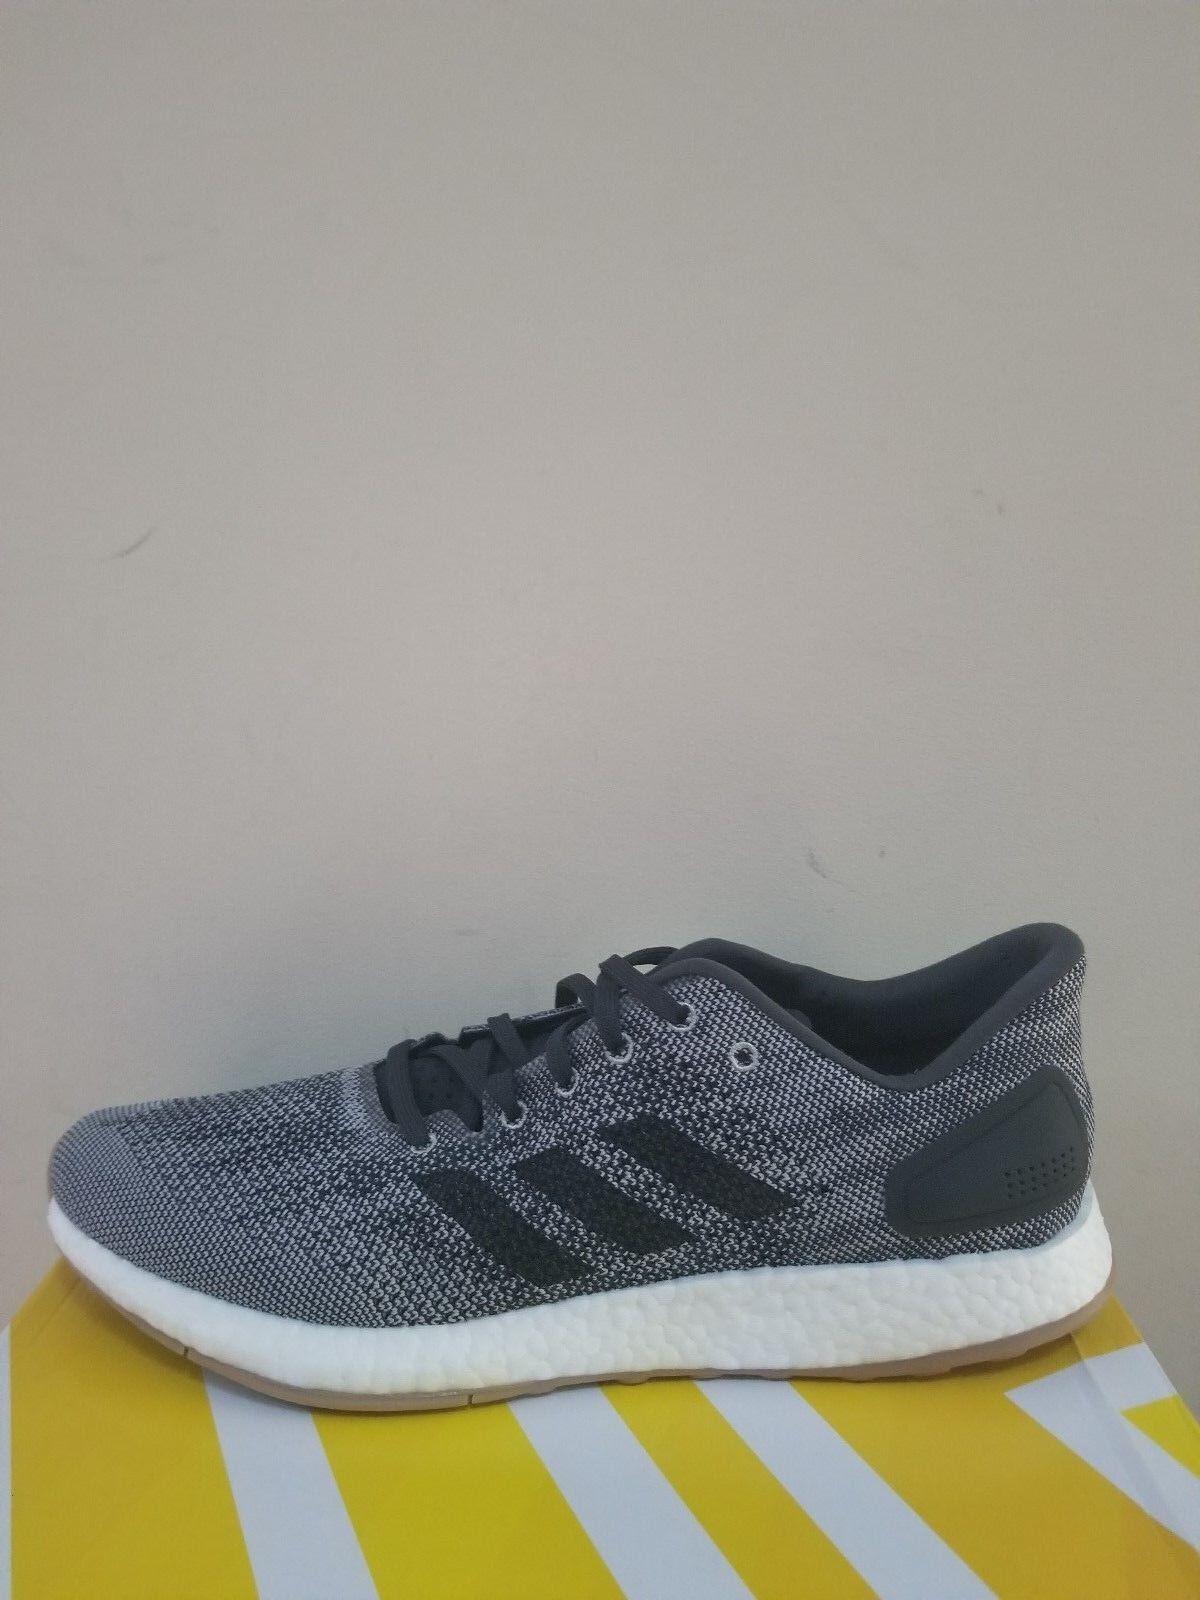 Adidas Pureboost DPR tenis De Correr Nuevo En Caja